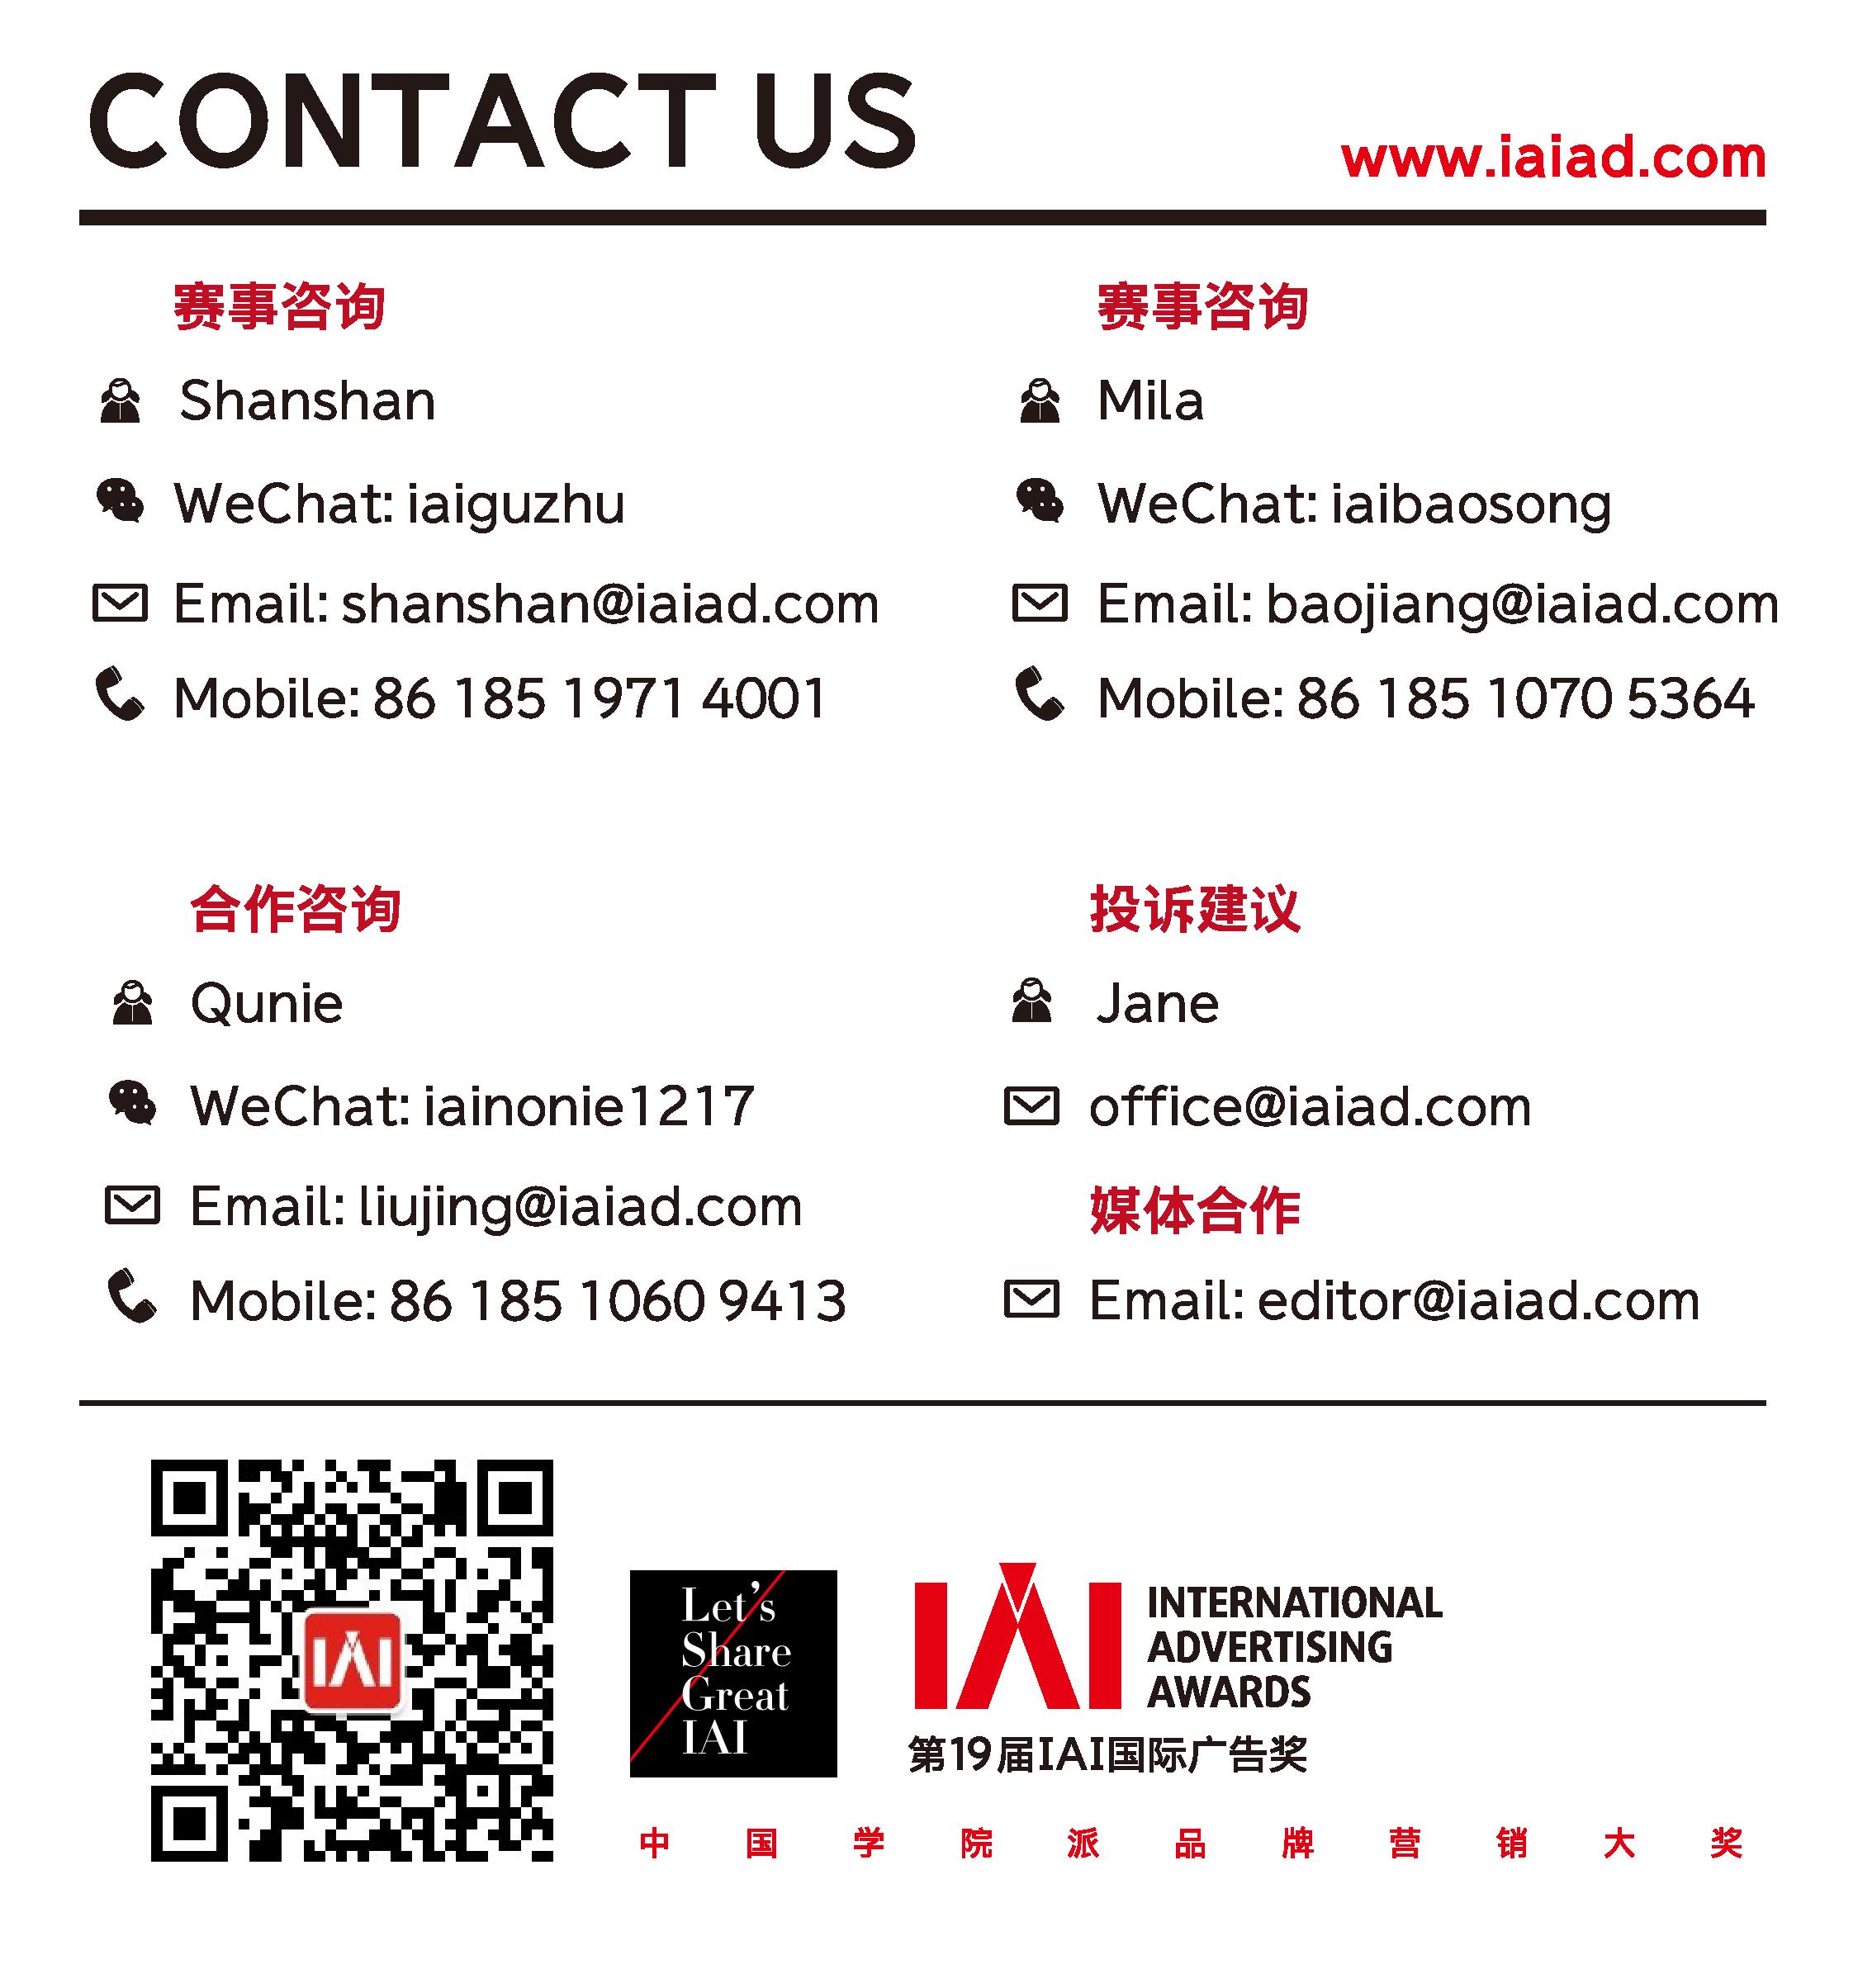 微信公众号联系人-01.png